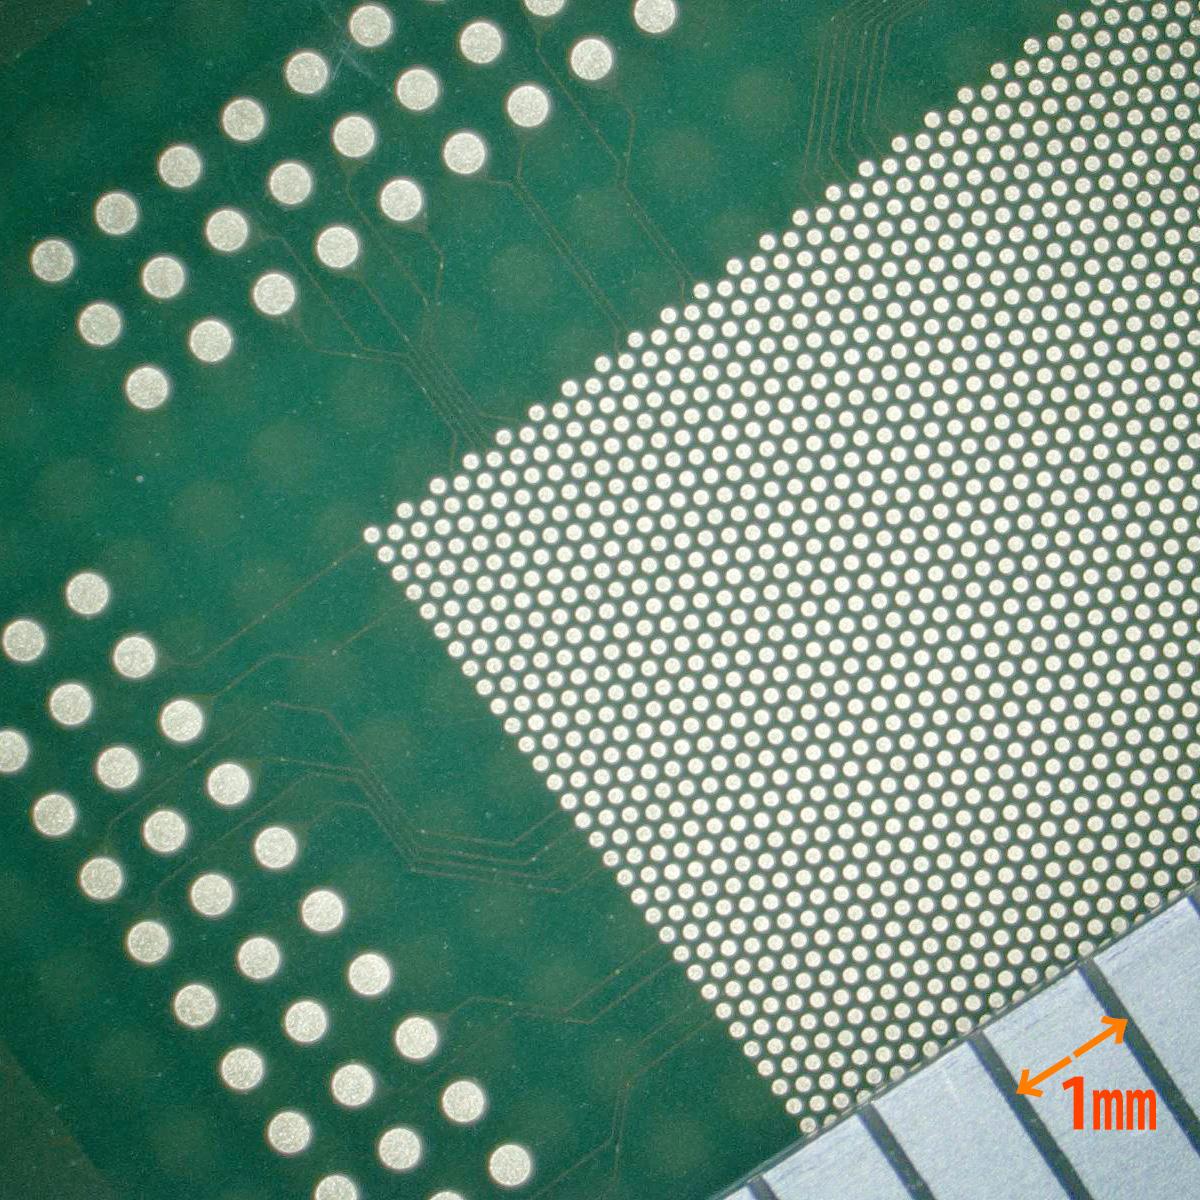 フリップチップ実装基板サンプル